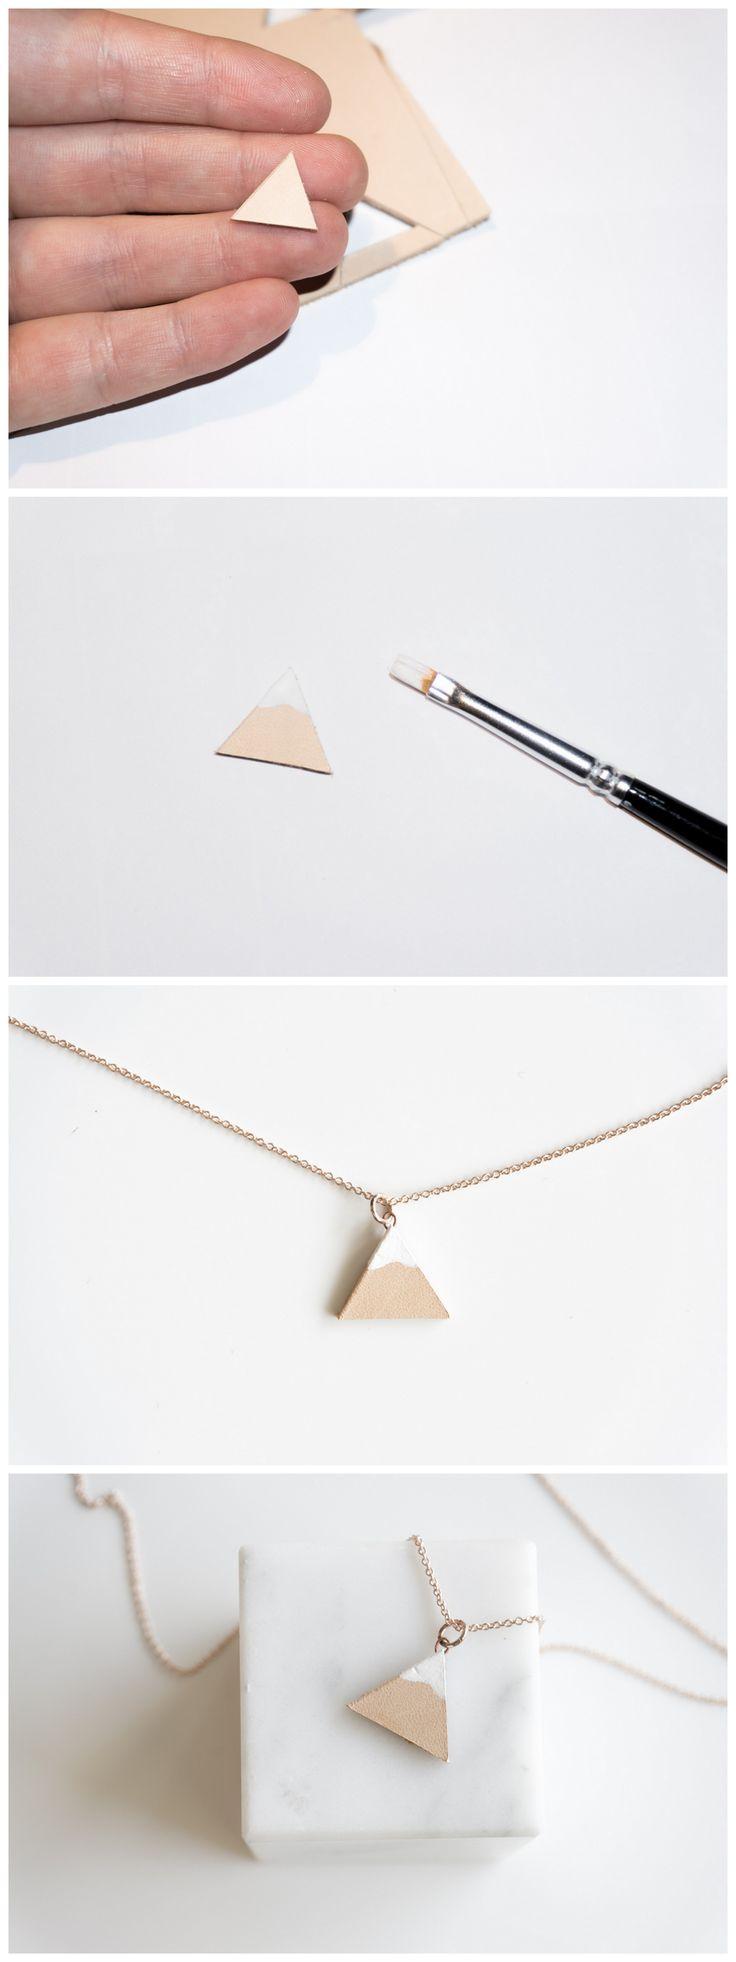 DIY Geschenkidee Weihnachten Bergkette aus Kupfer und Naturleder || DIY Christmas Gift Mountain Chain made of Leather and Copper